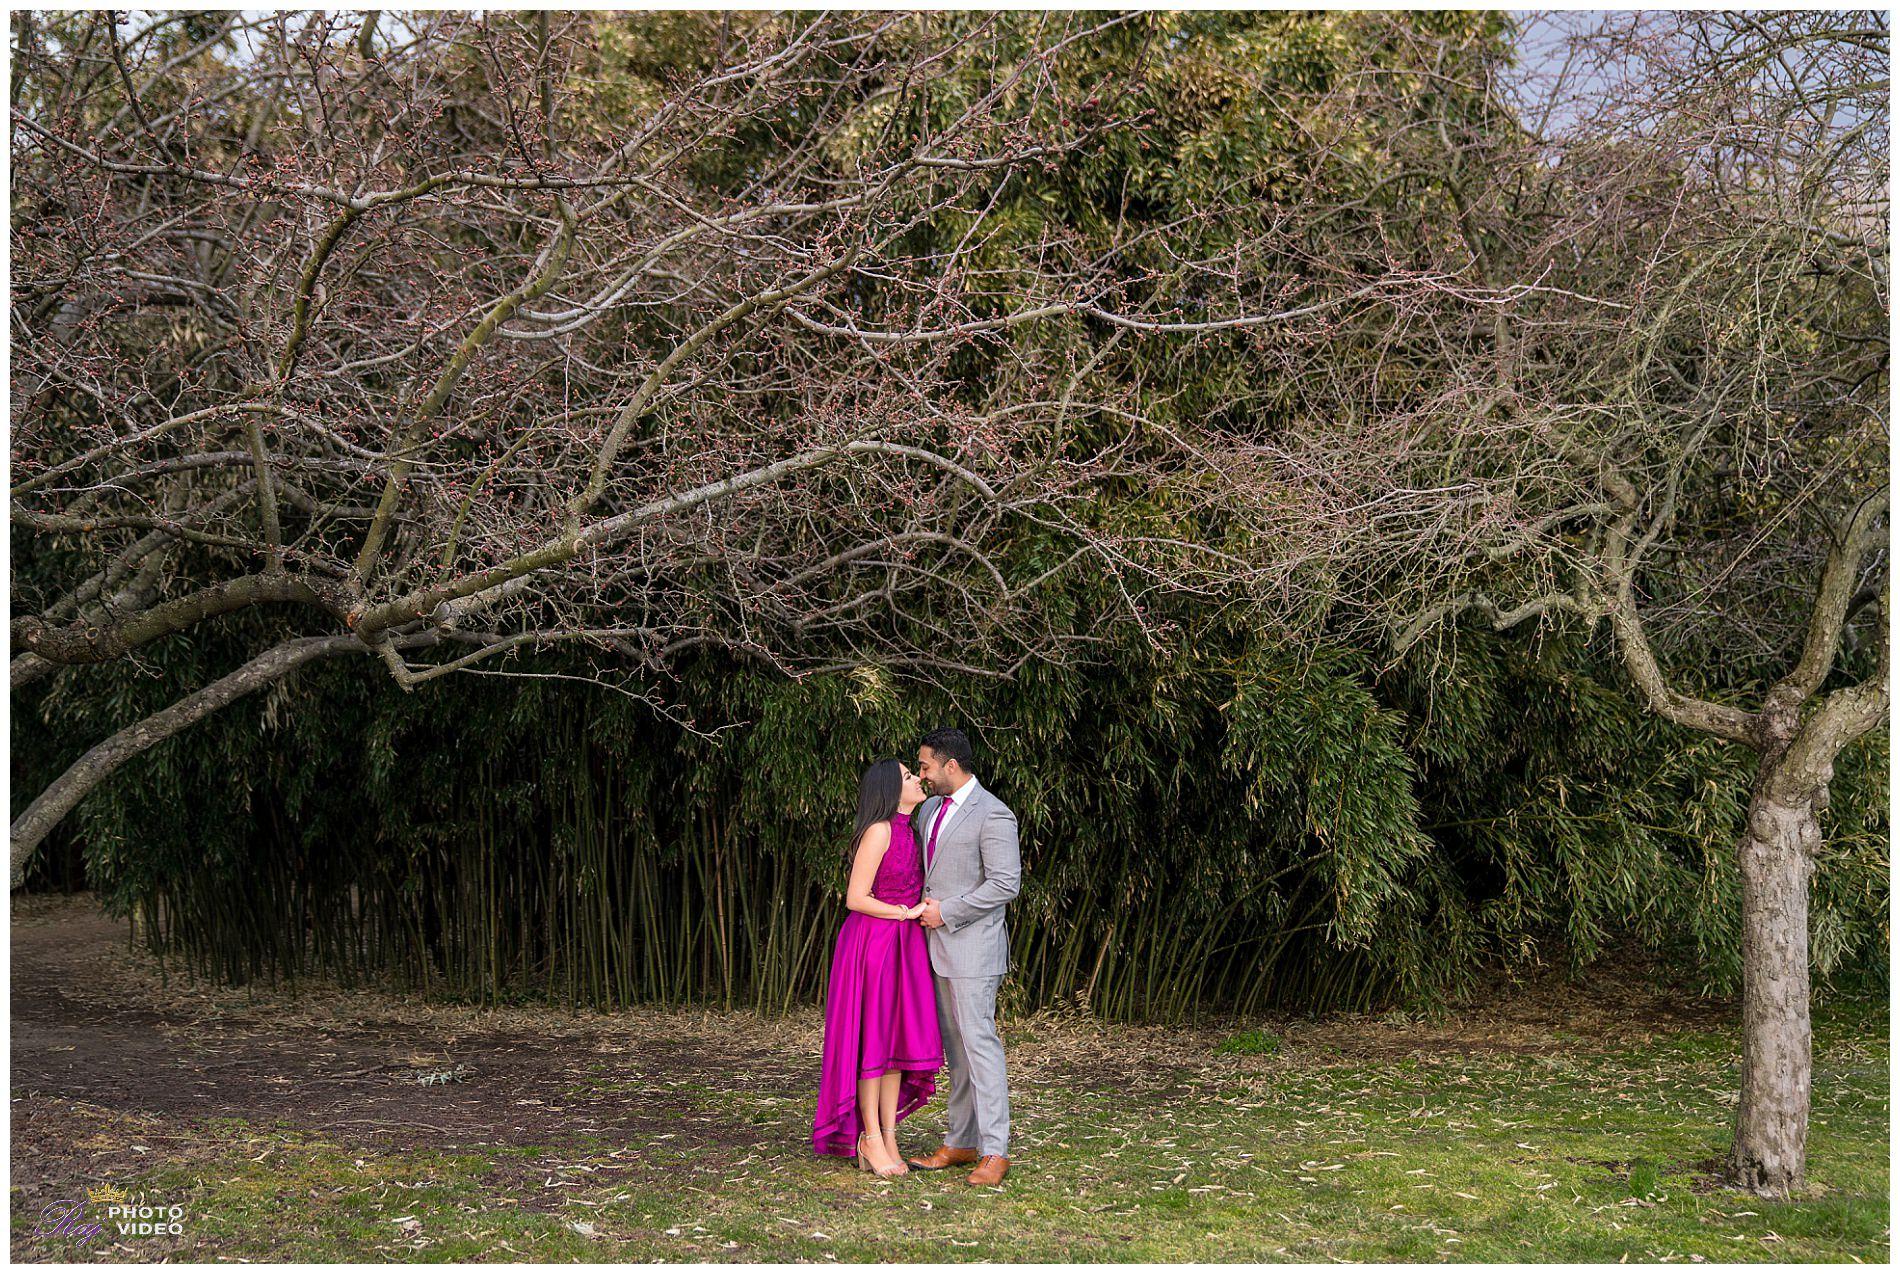 Grounds-for-Sculpture-Hamilton-NJ-Engagement-Shoot-Khushboo-Ruben-00016.jpg